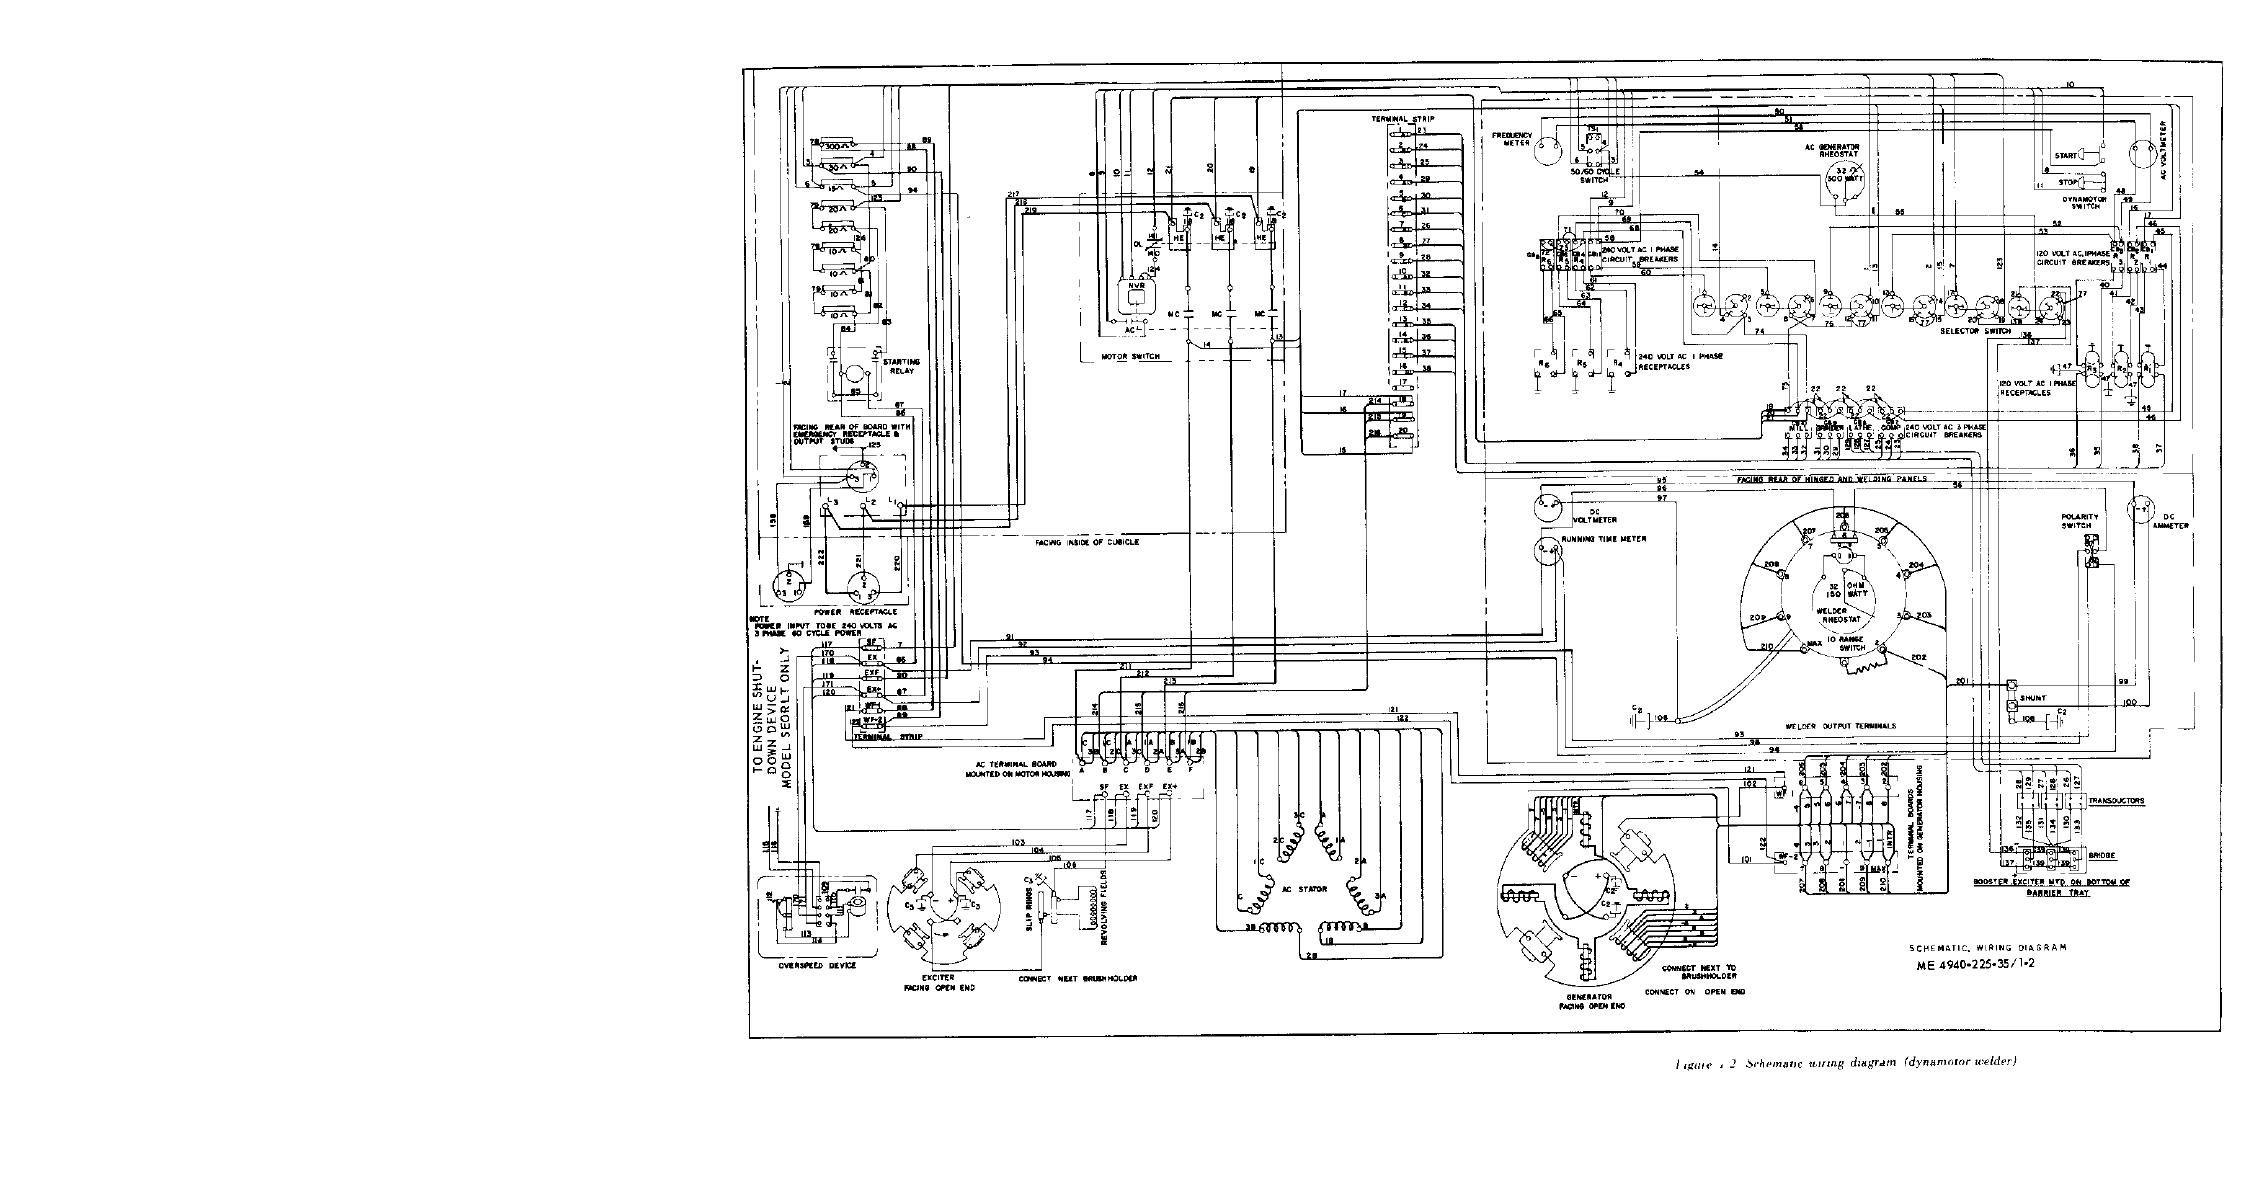 Sa 250 Wiring Diagram Wiring Diagram Dodge Caliber 2007 Begeboy Wiring Diagram Source